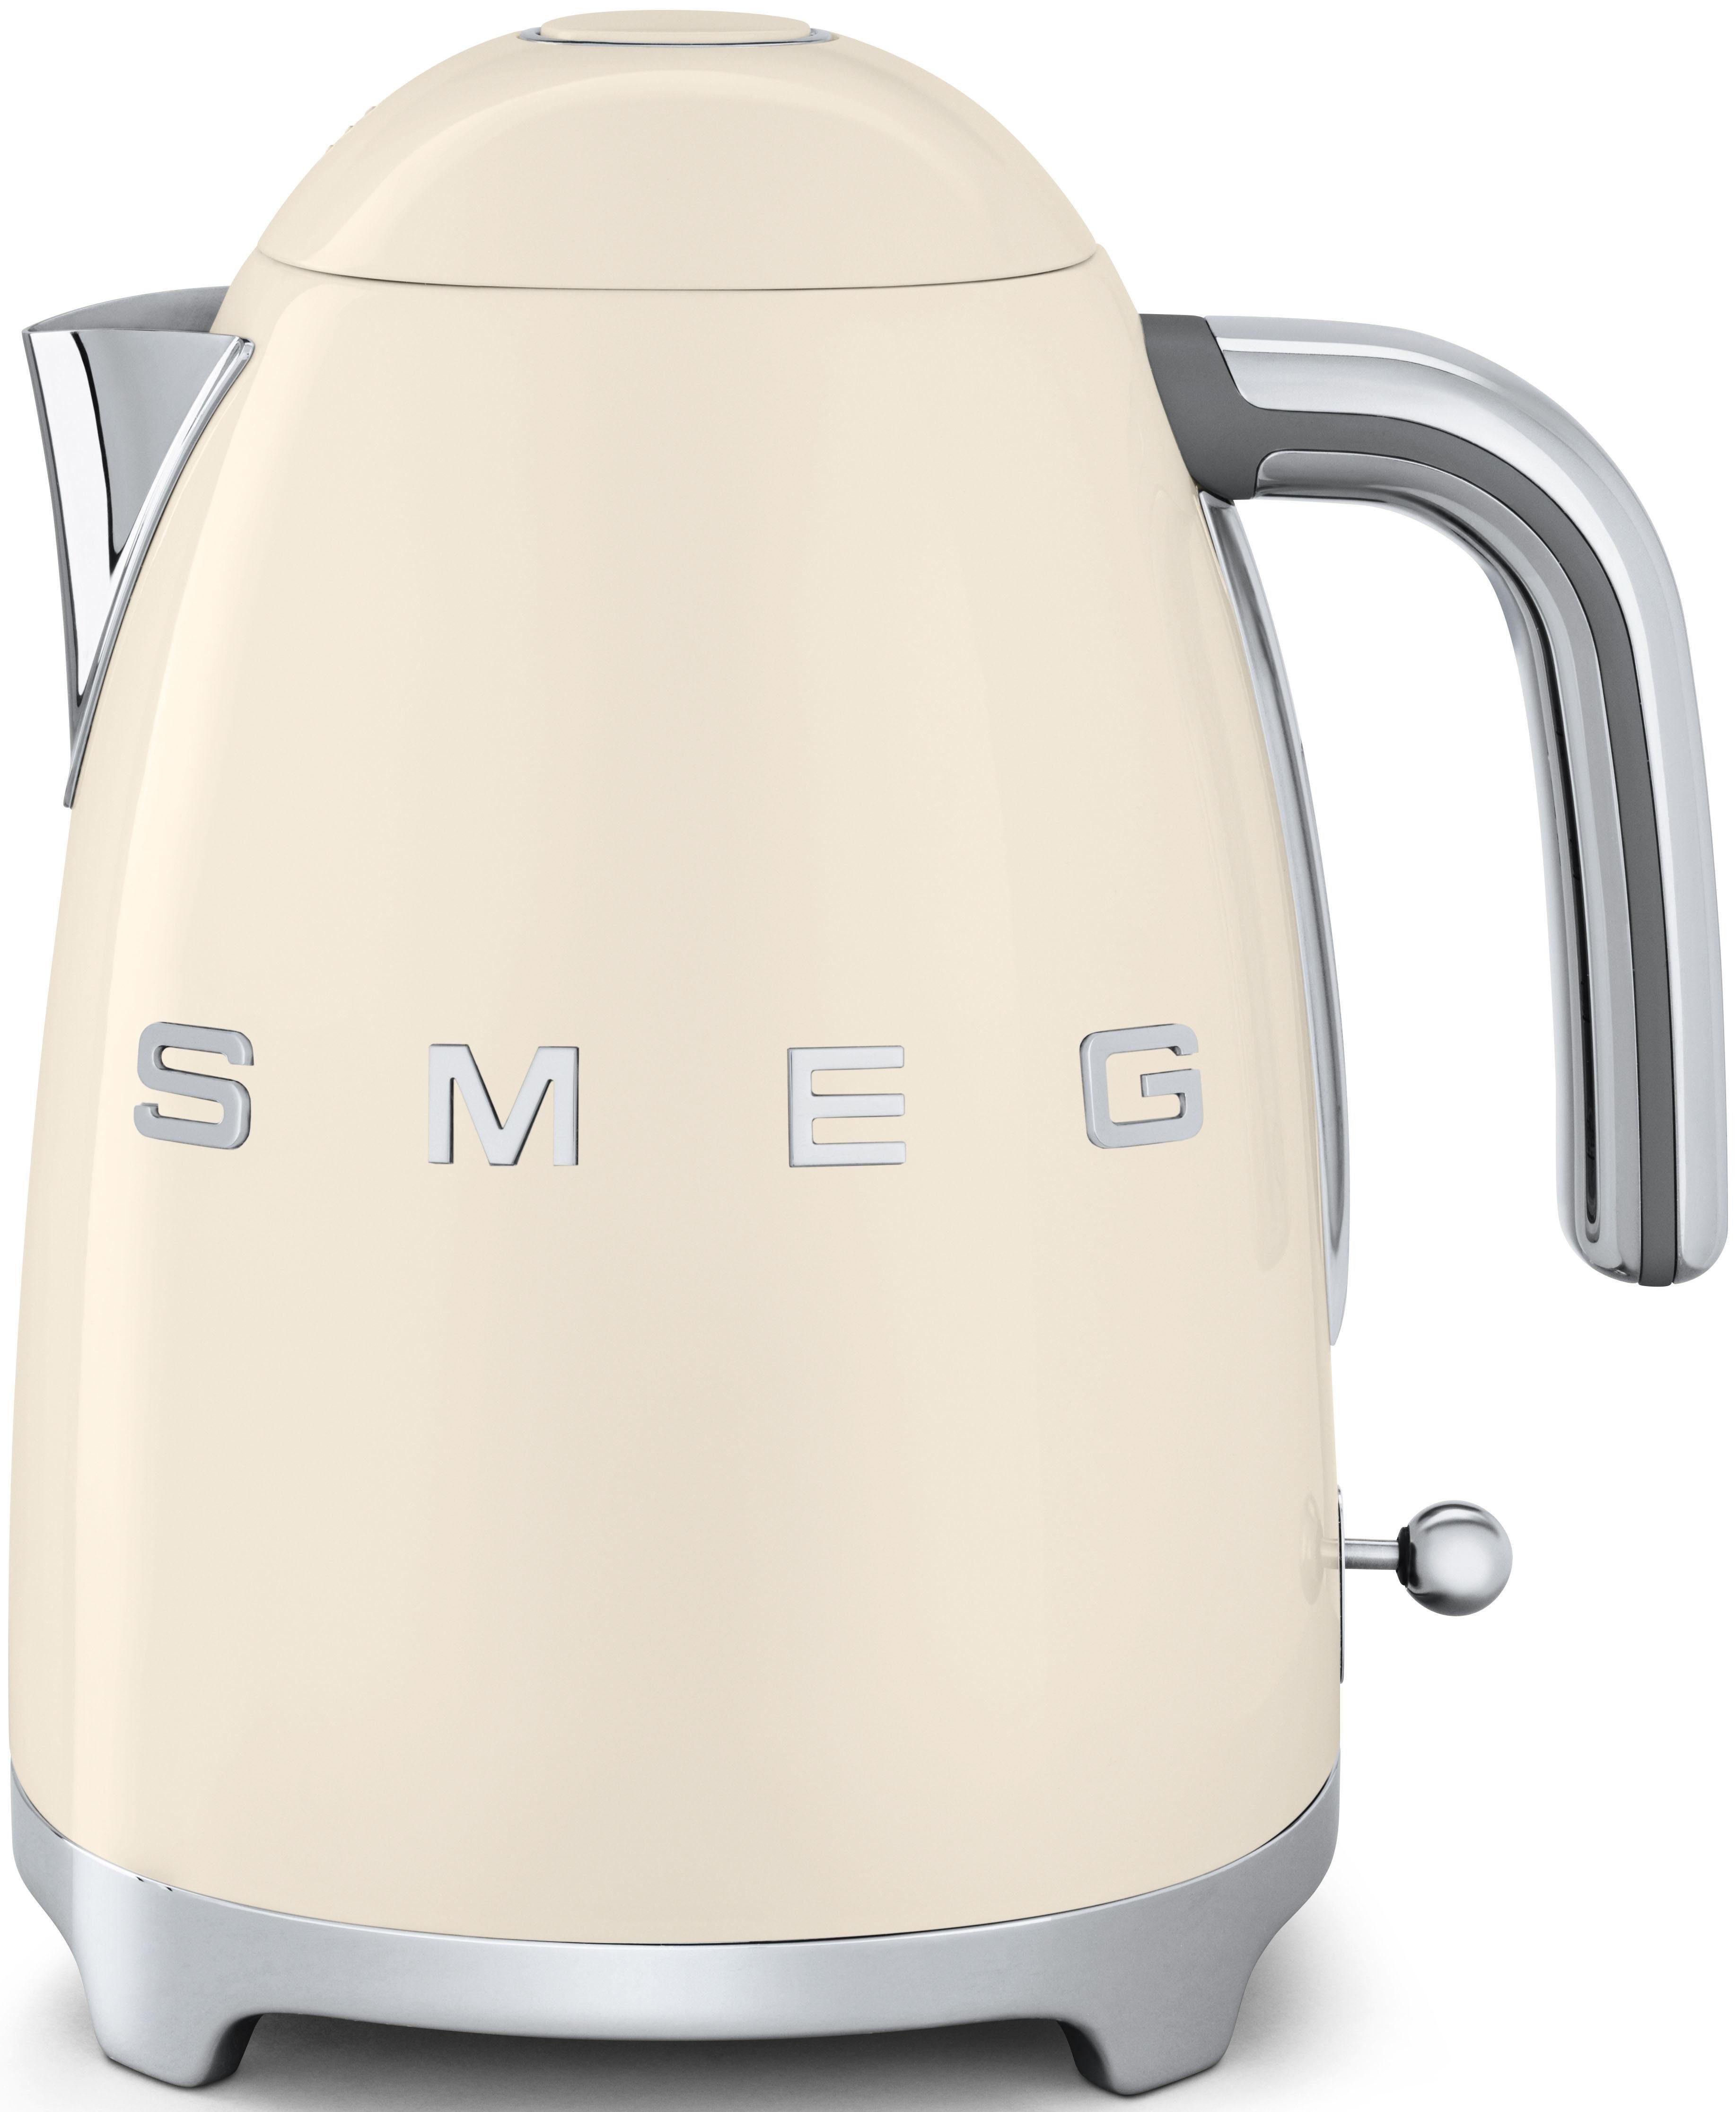 Smeg Wasserkocher KLF03CREU, 1,7 l, 2400 W